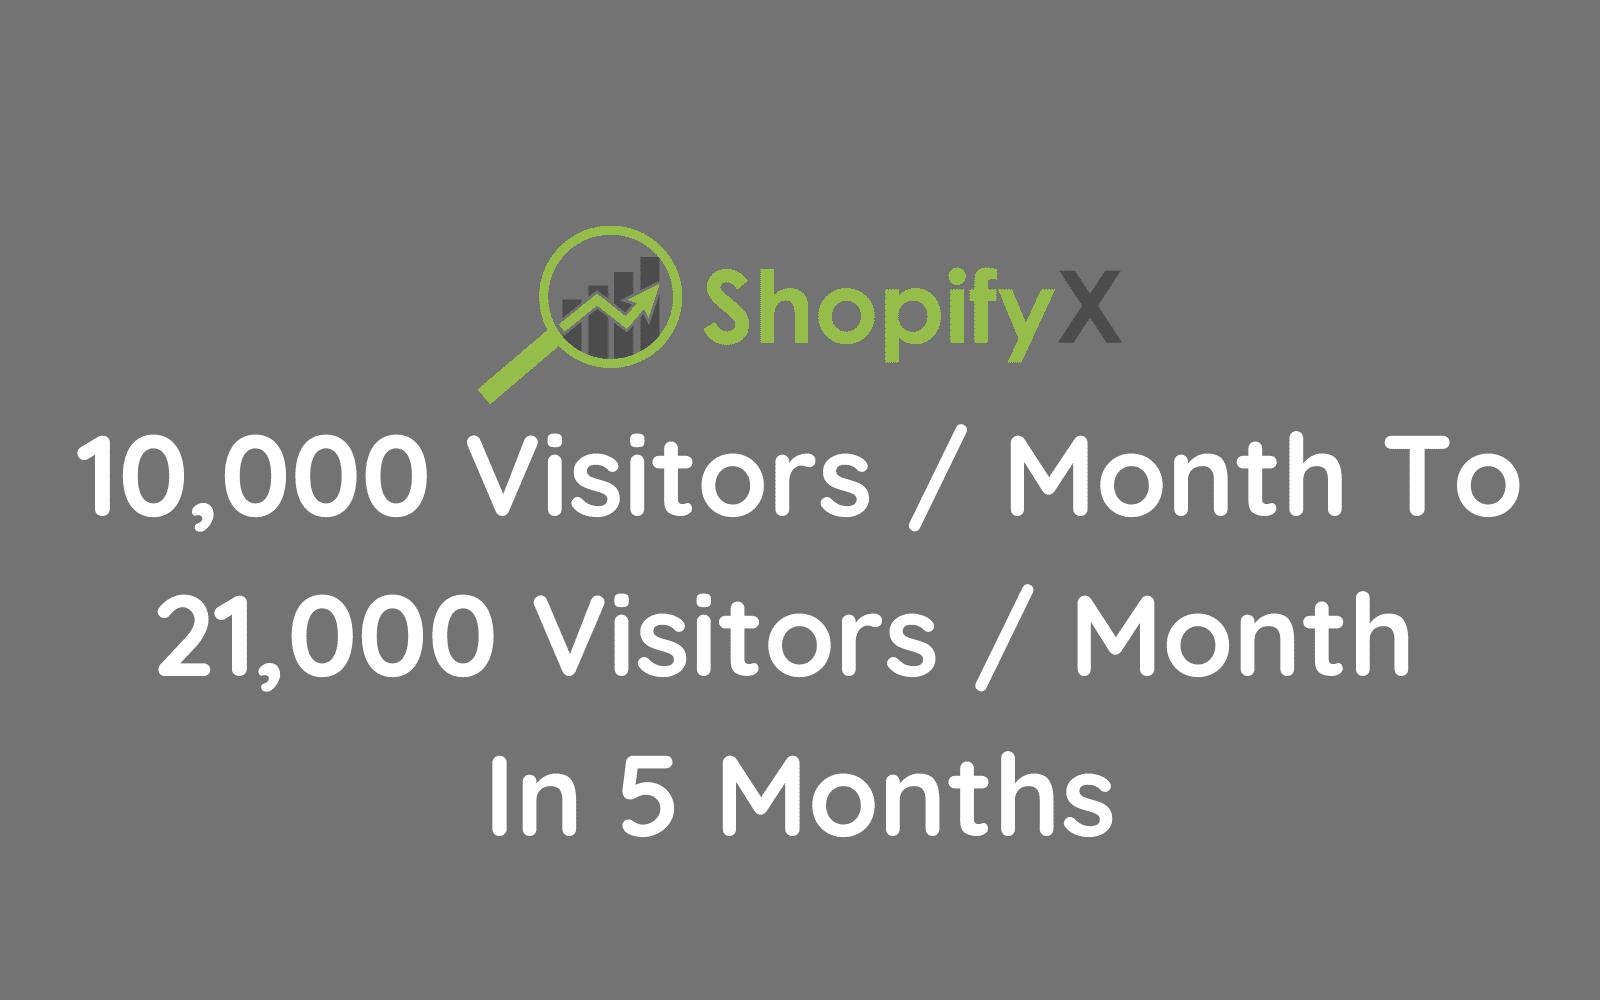 shopify traffic growth